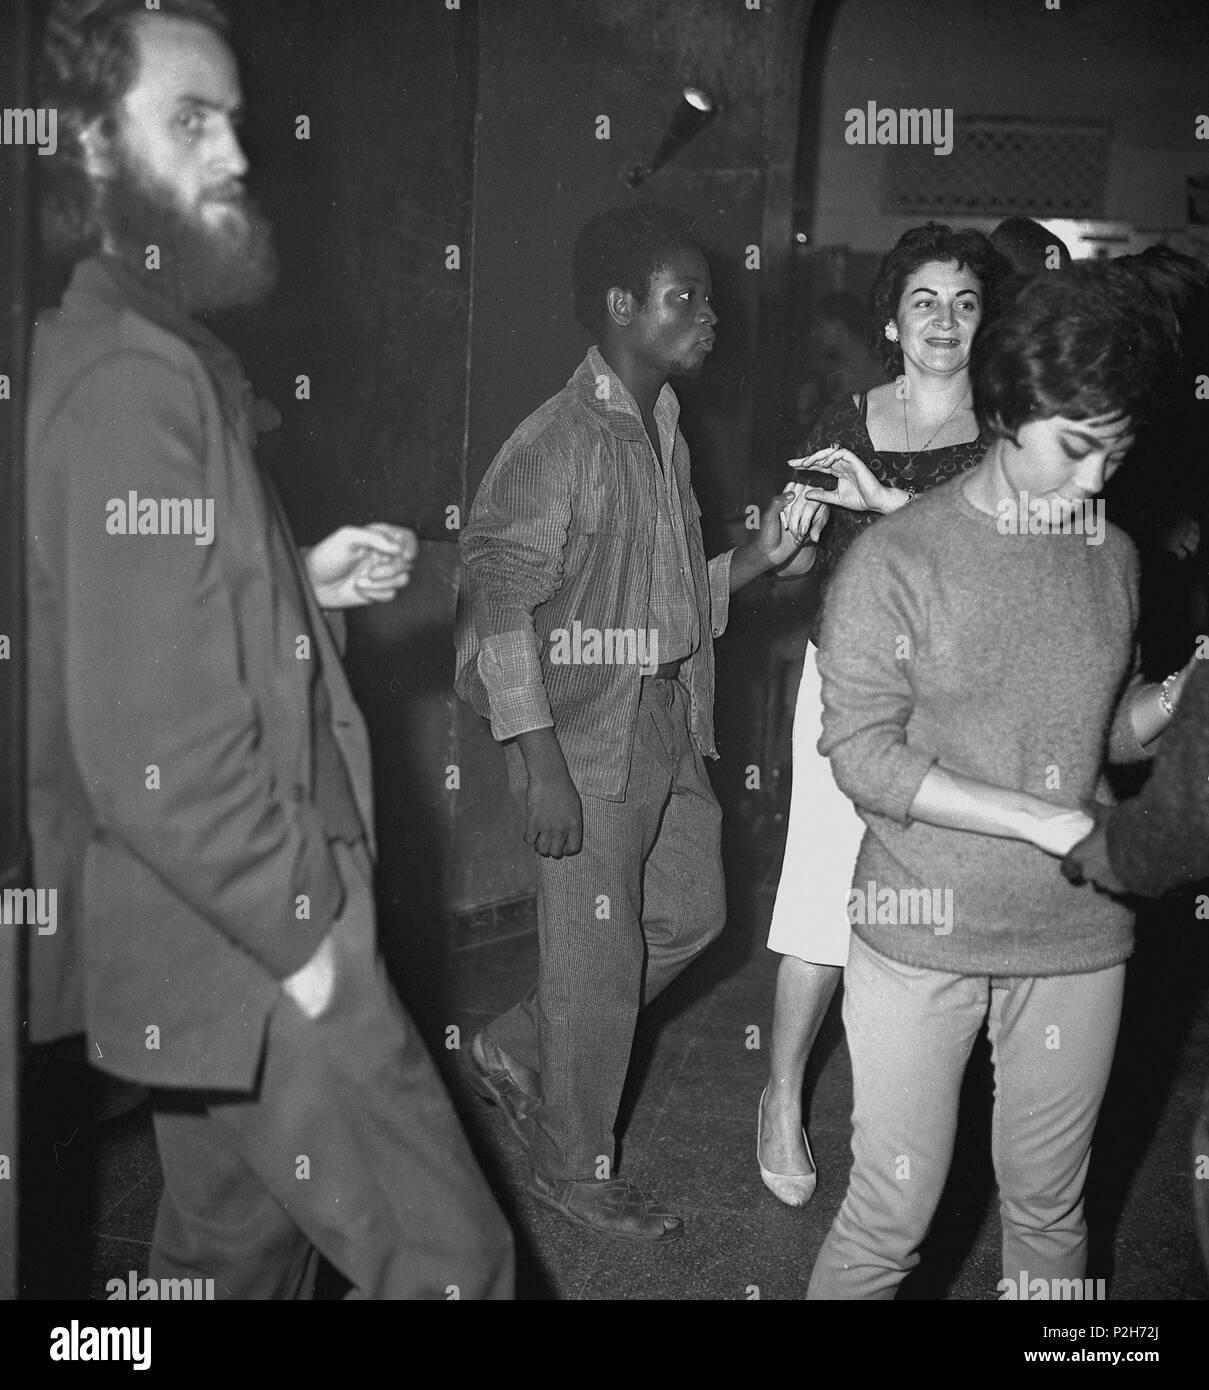 e73488ea6 Sala Jamboree. Gente bailando. Barcelona, a principios de los años ...